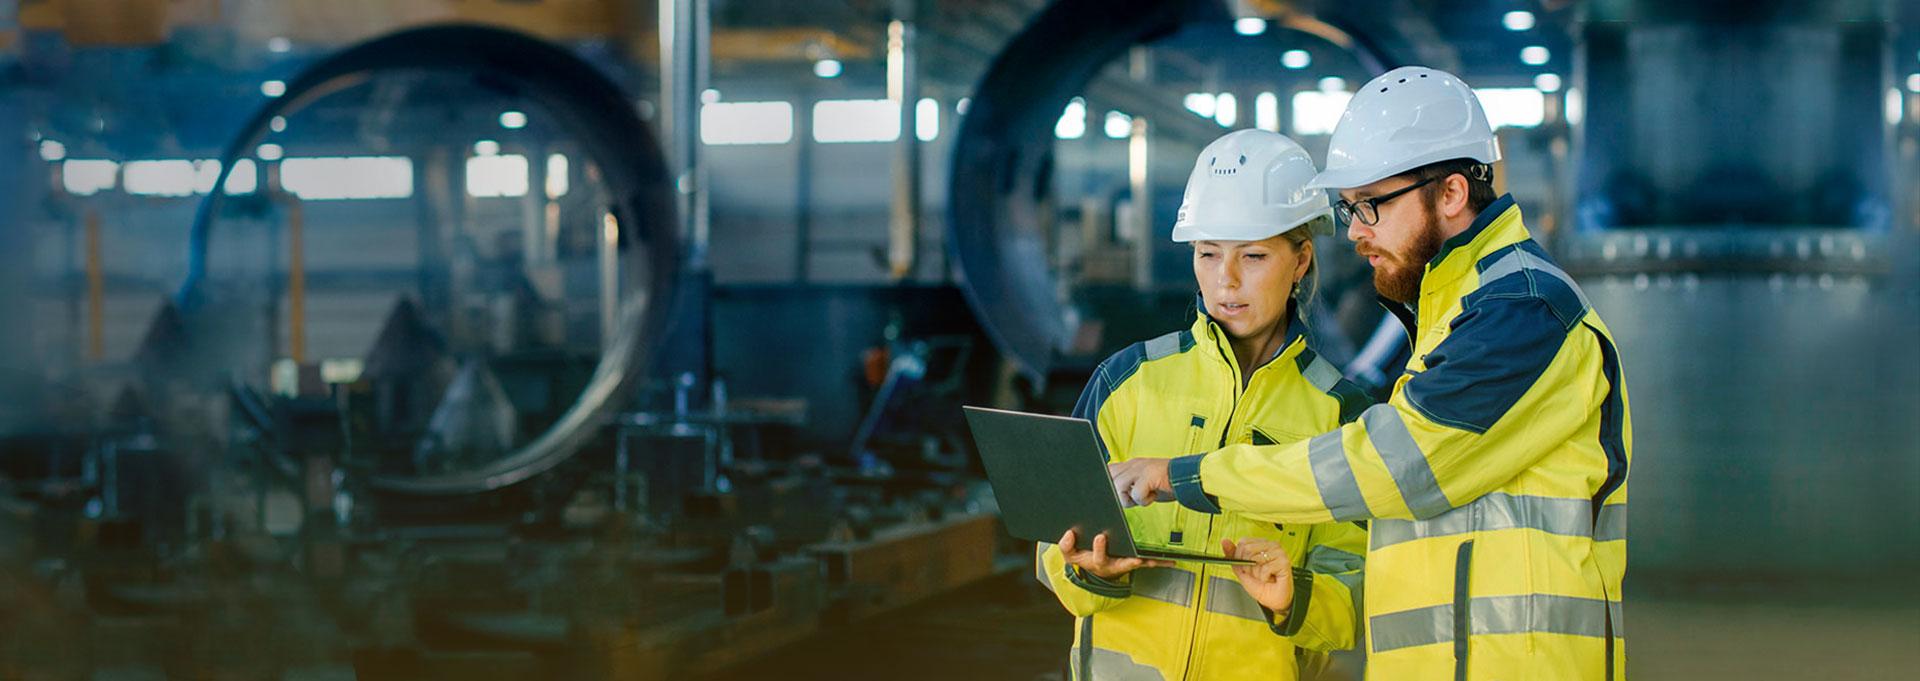 Фоновое изображение работников